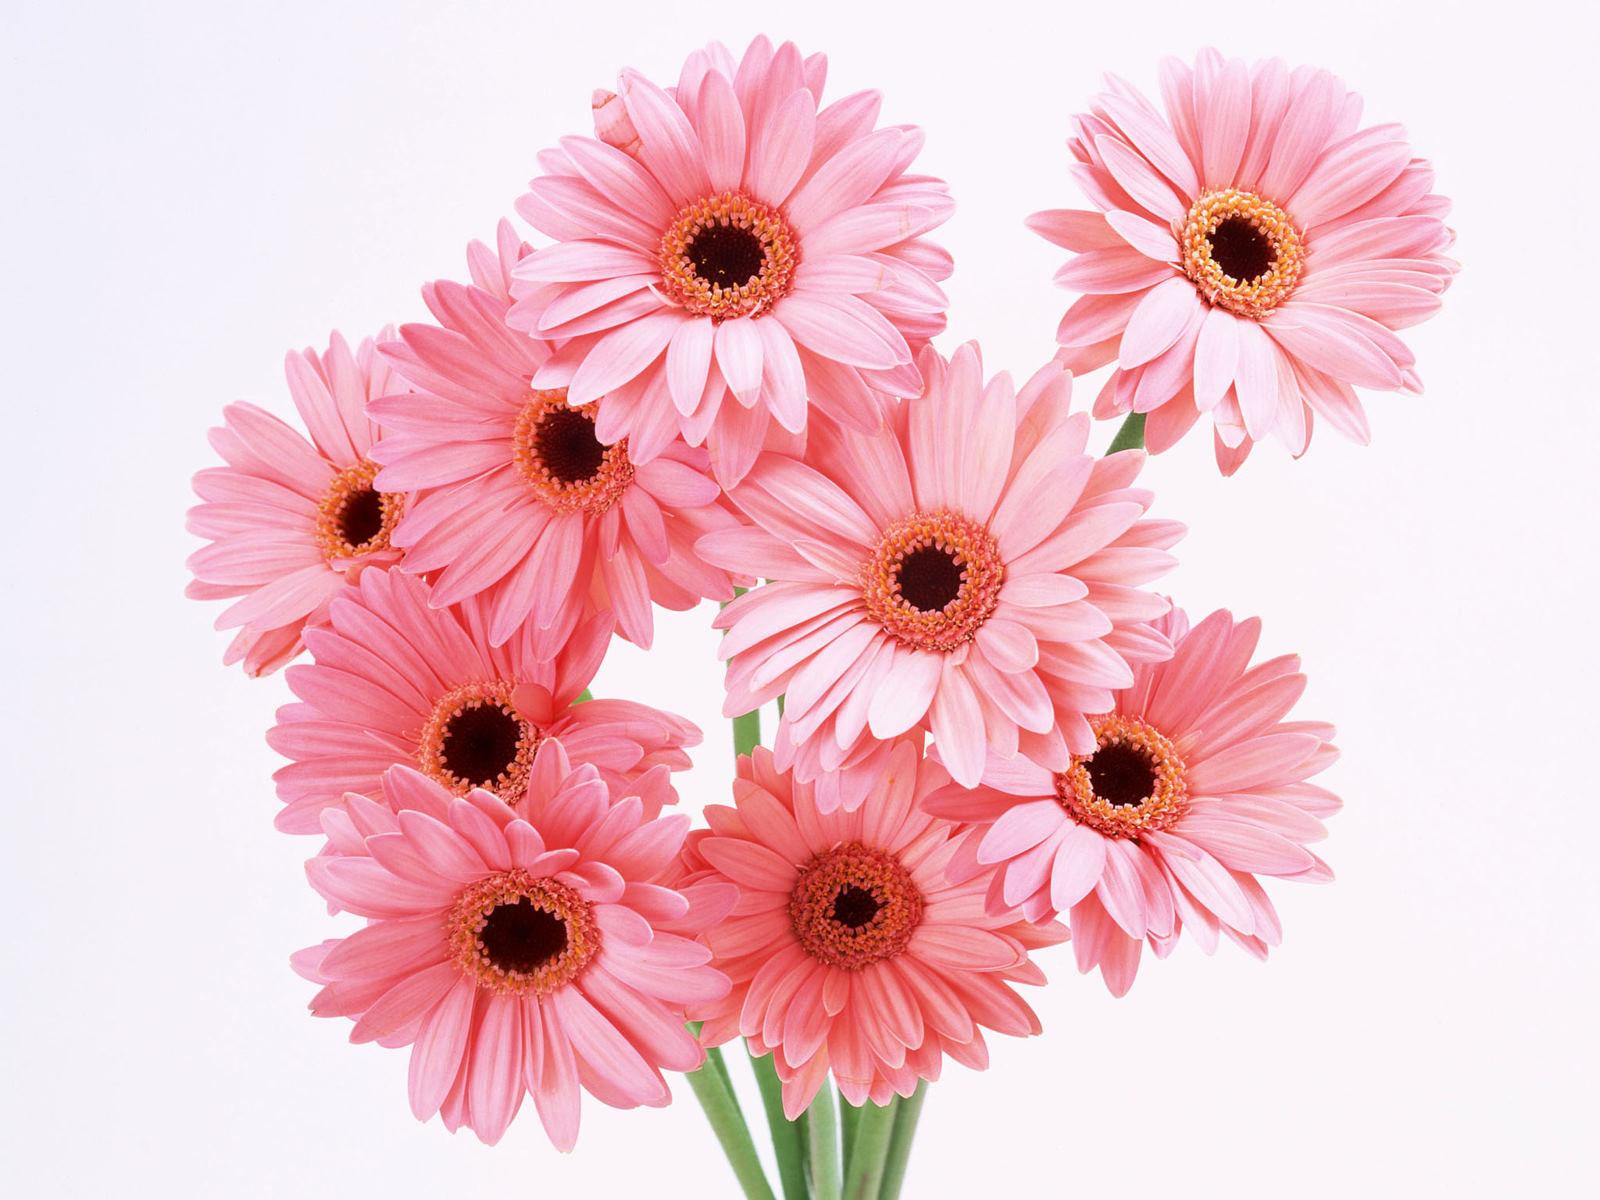 flowers for flower lovers Flowers wallpapers HD desktop 1600x1200